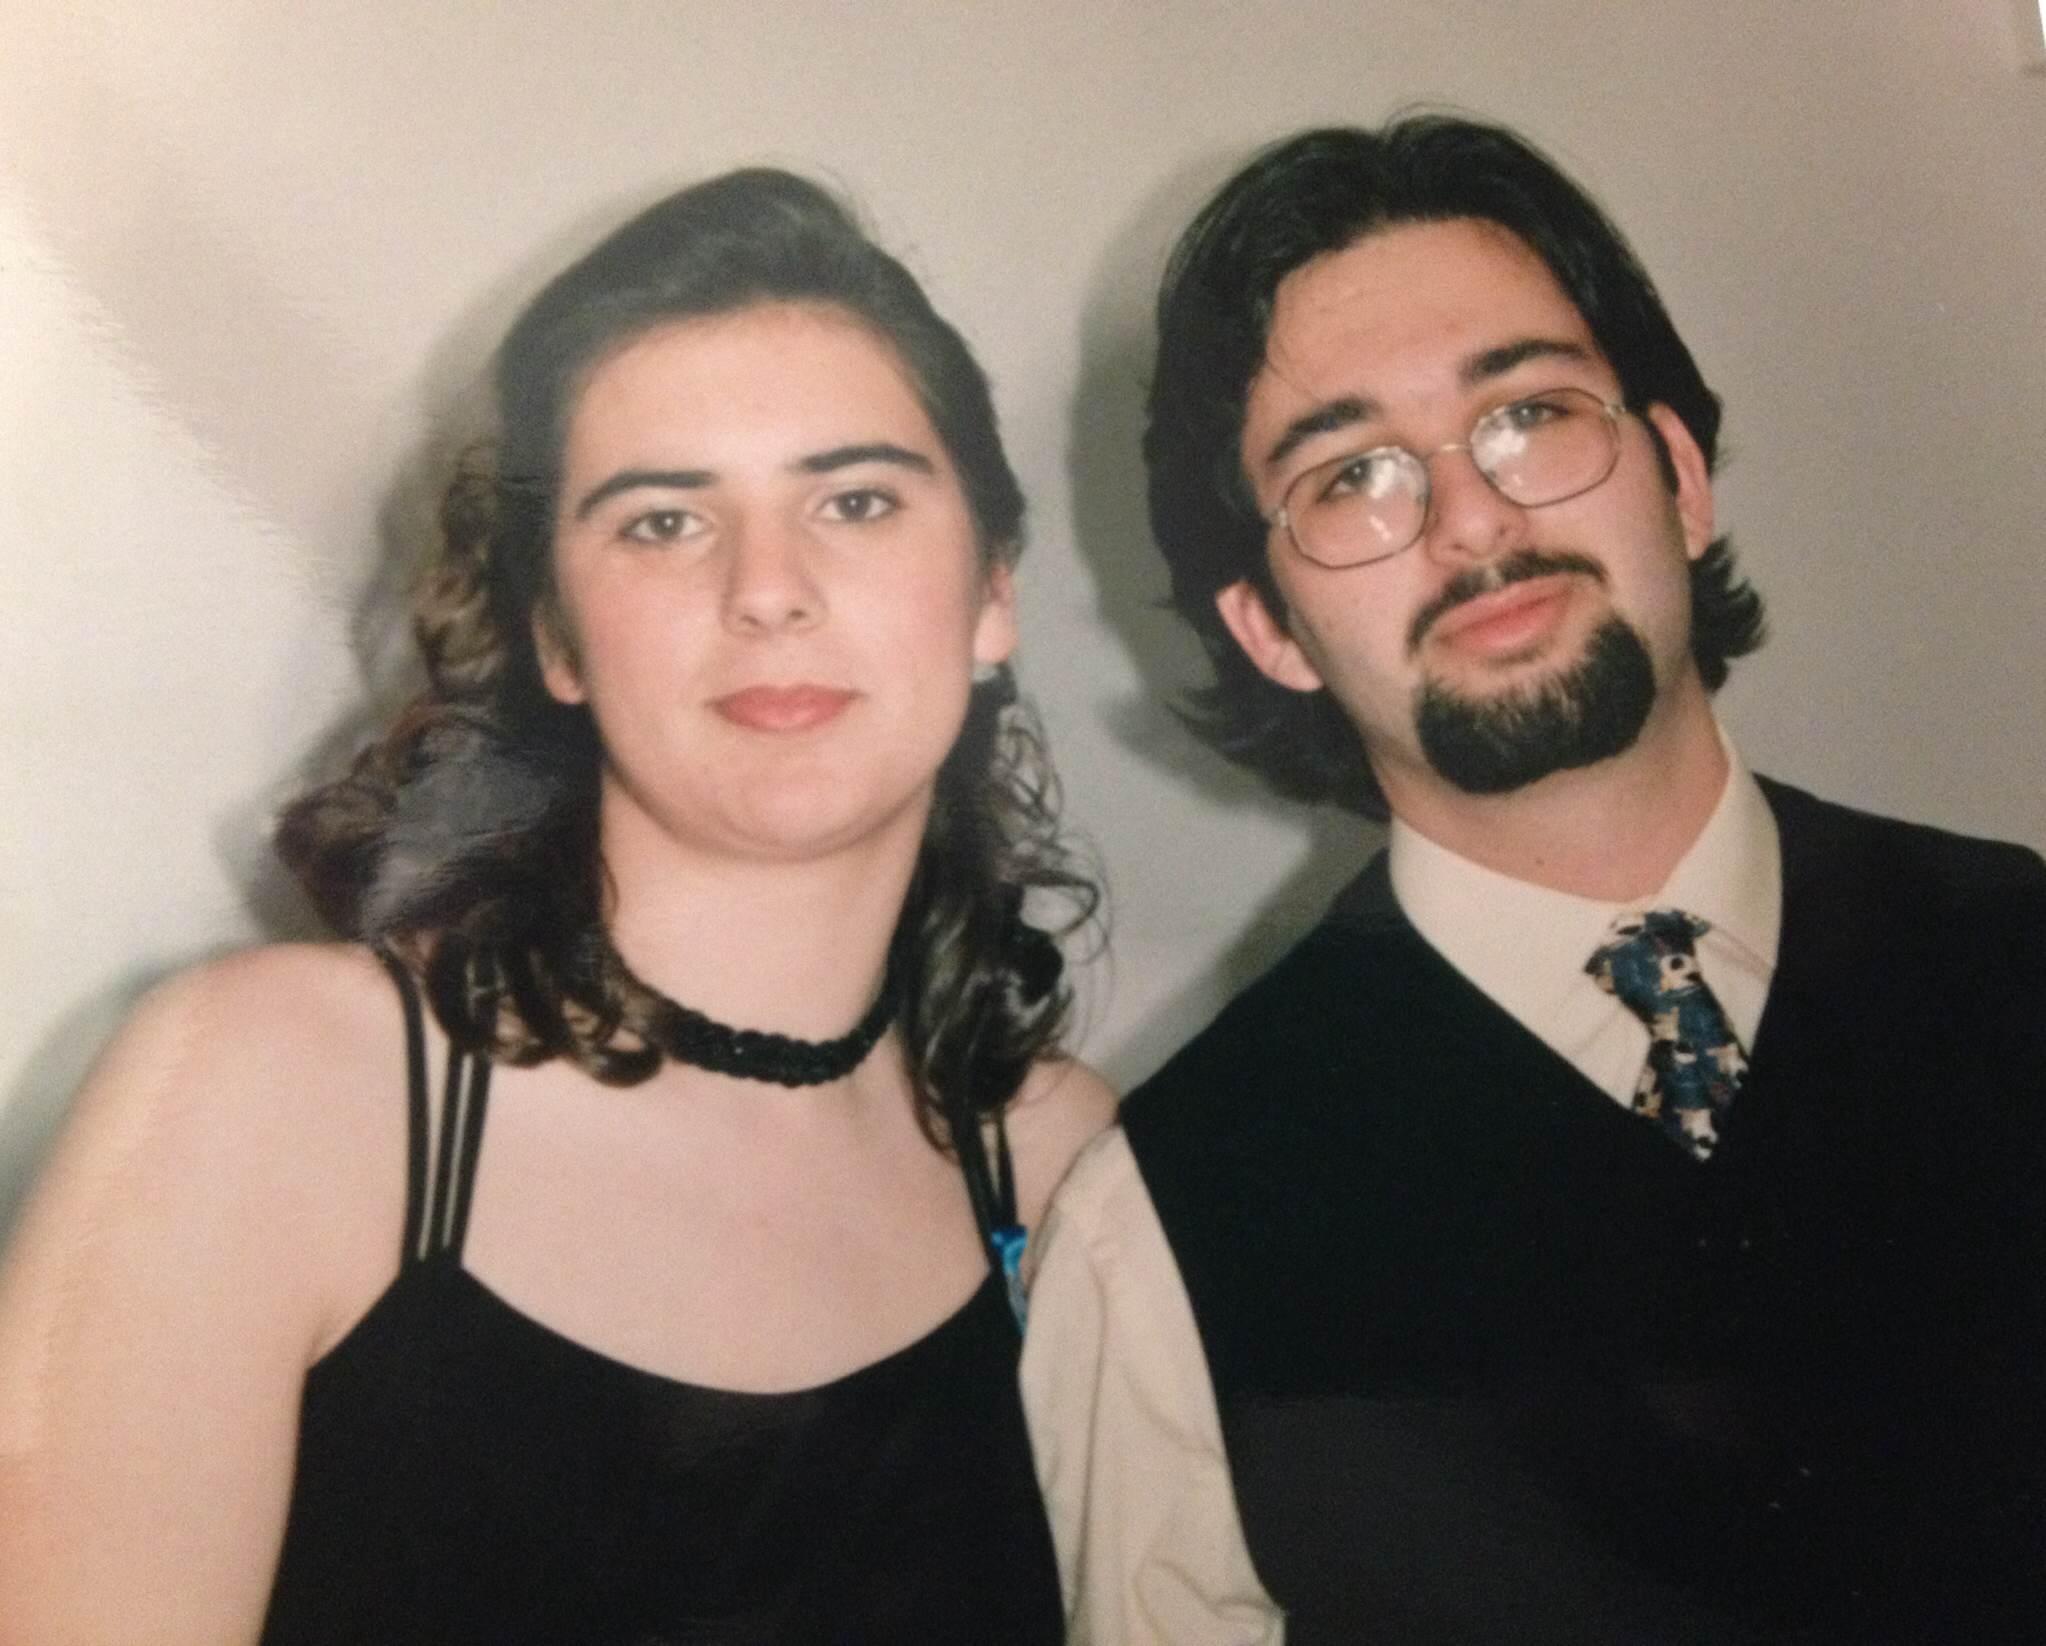 Na noite do nosso Jantar de Finalistas... algures nos primeiros dias de 1997. Os dois, depois de muito trabalho, em parelha, para que aquela noite fosse possível.